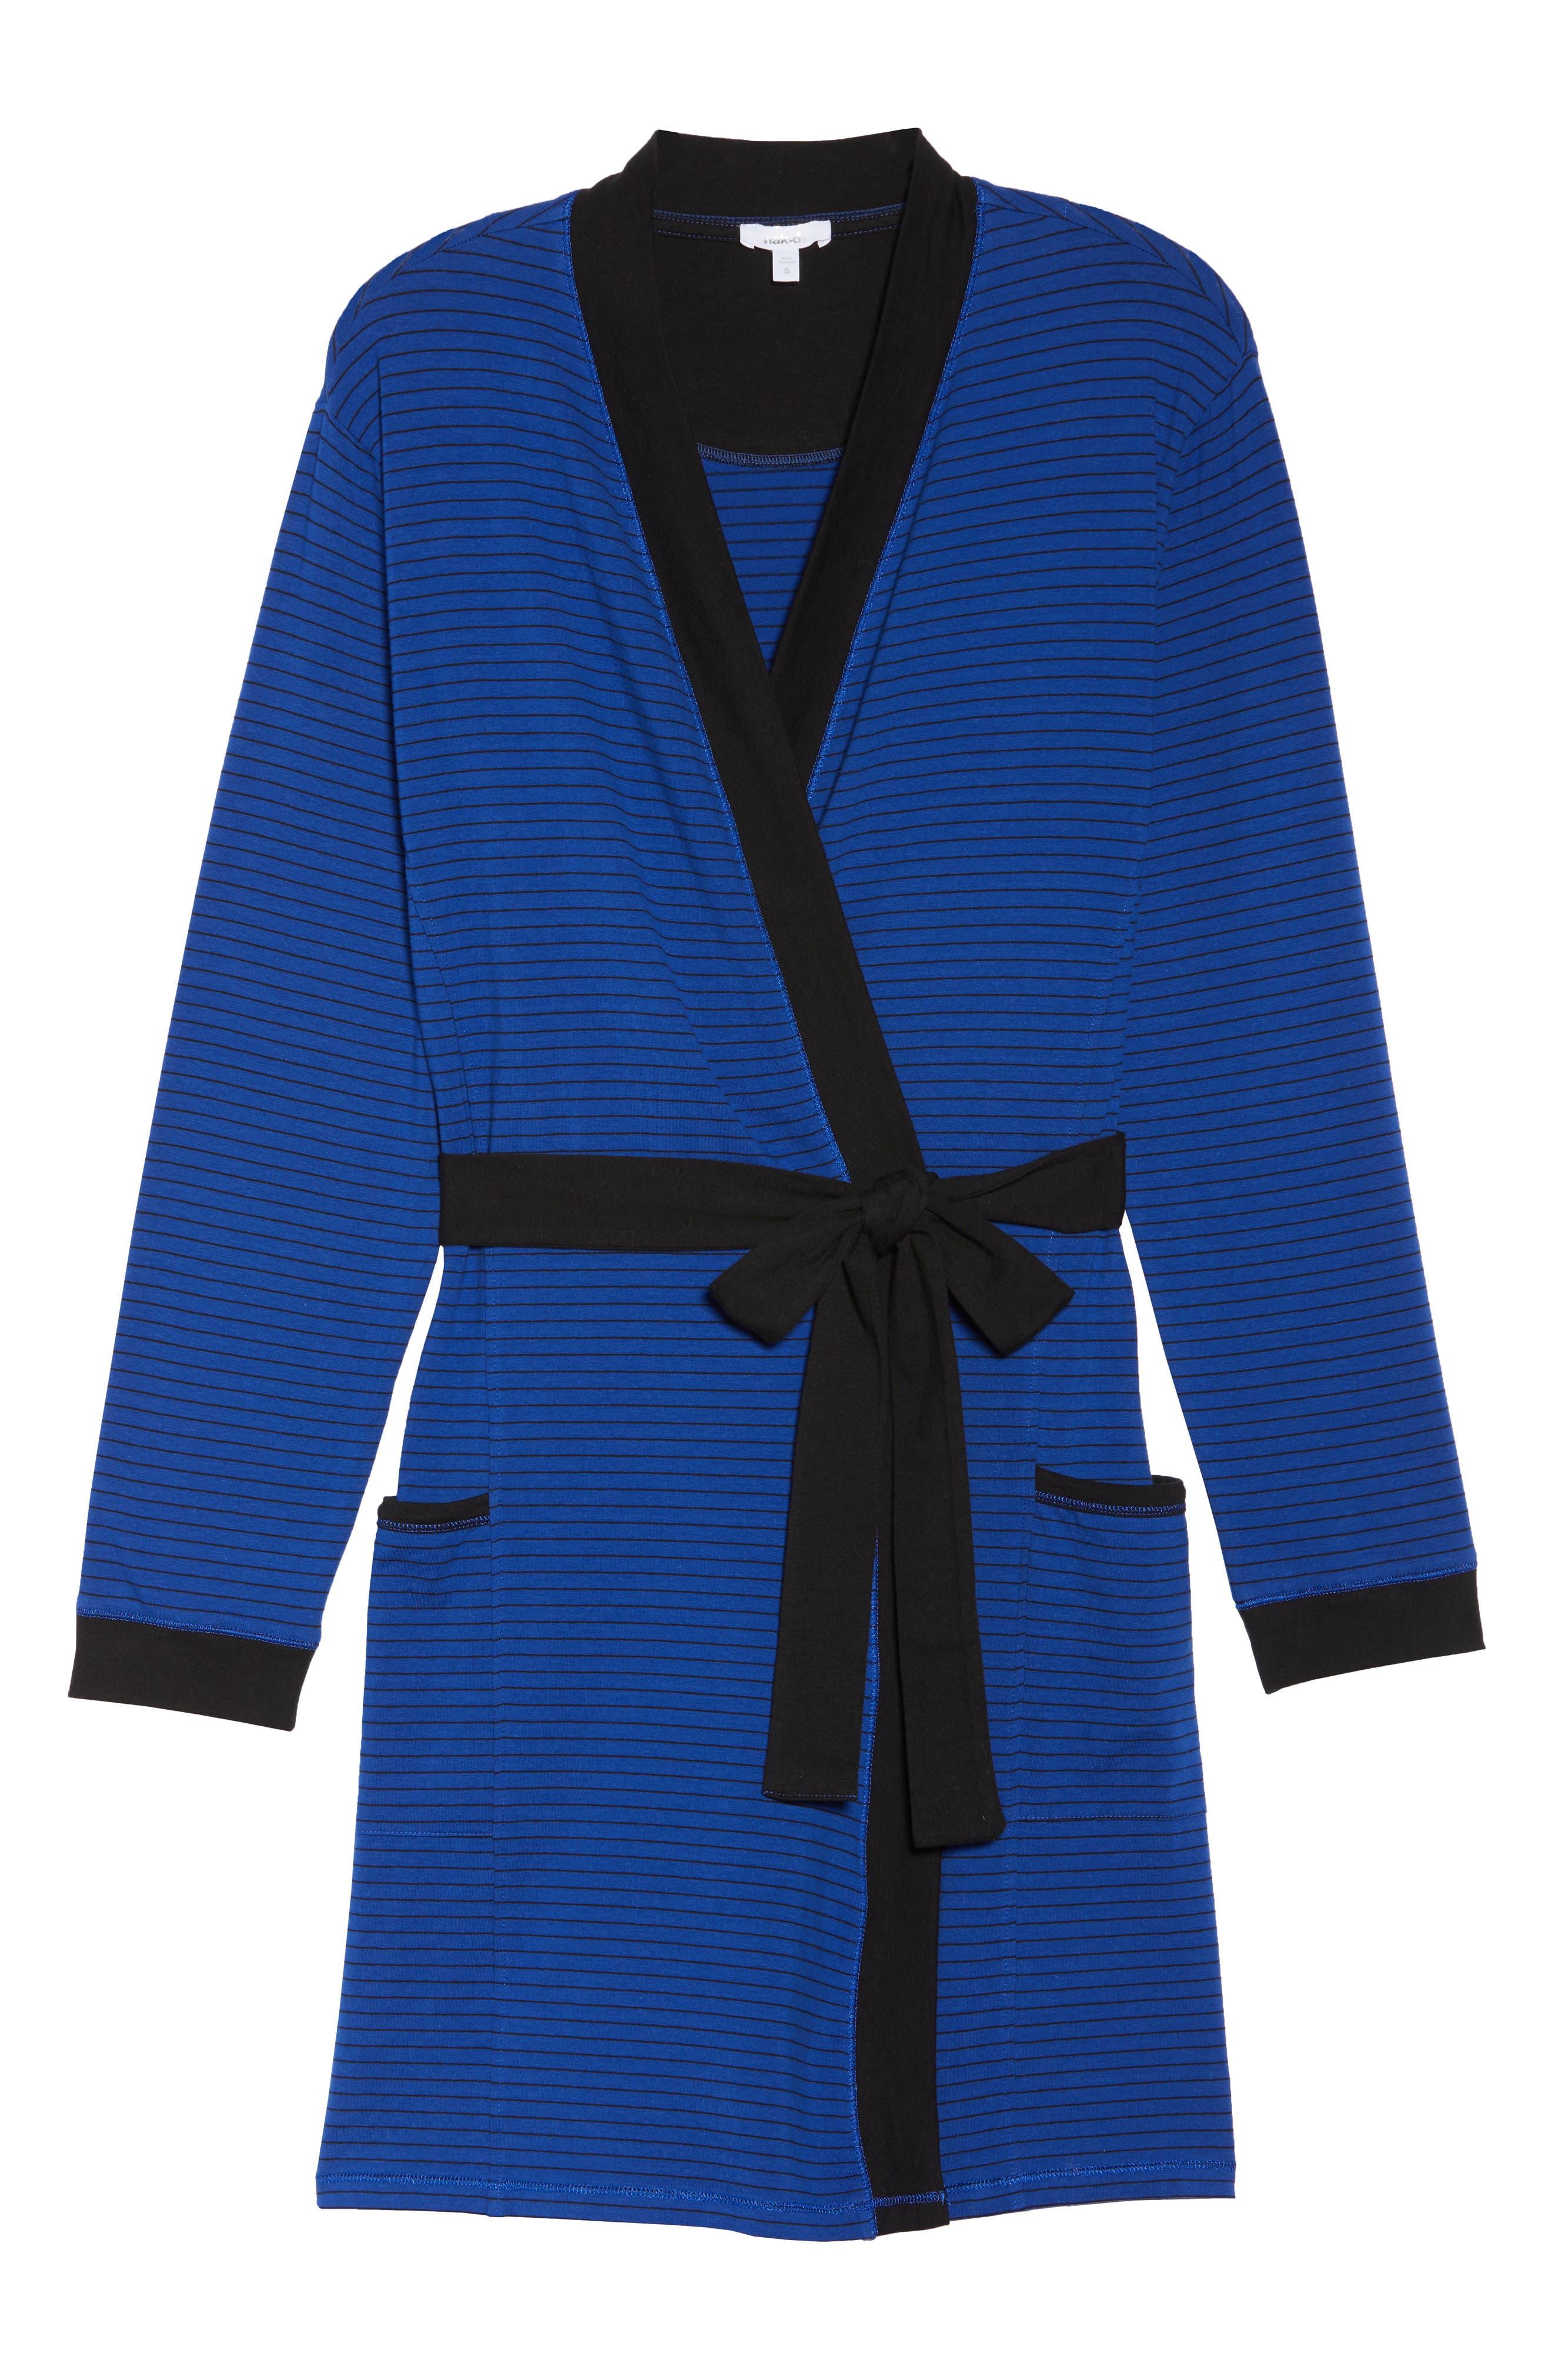 Power Stripe Robe,                             Alternate thumbnail 6, color,                             408